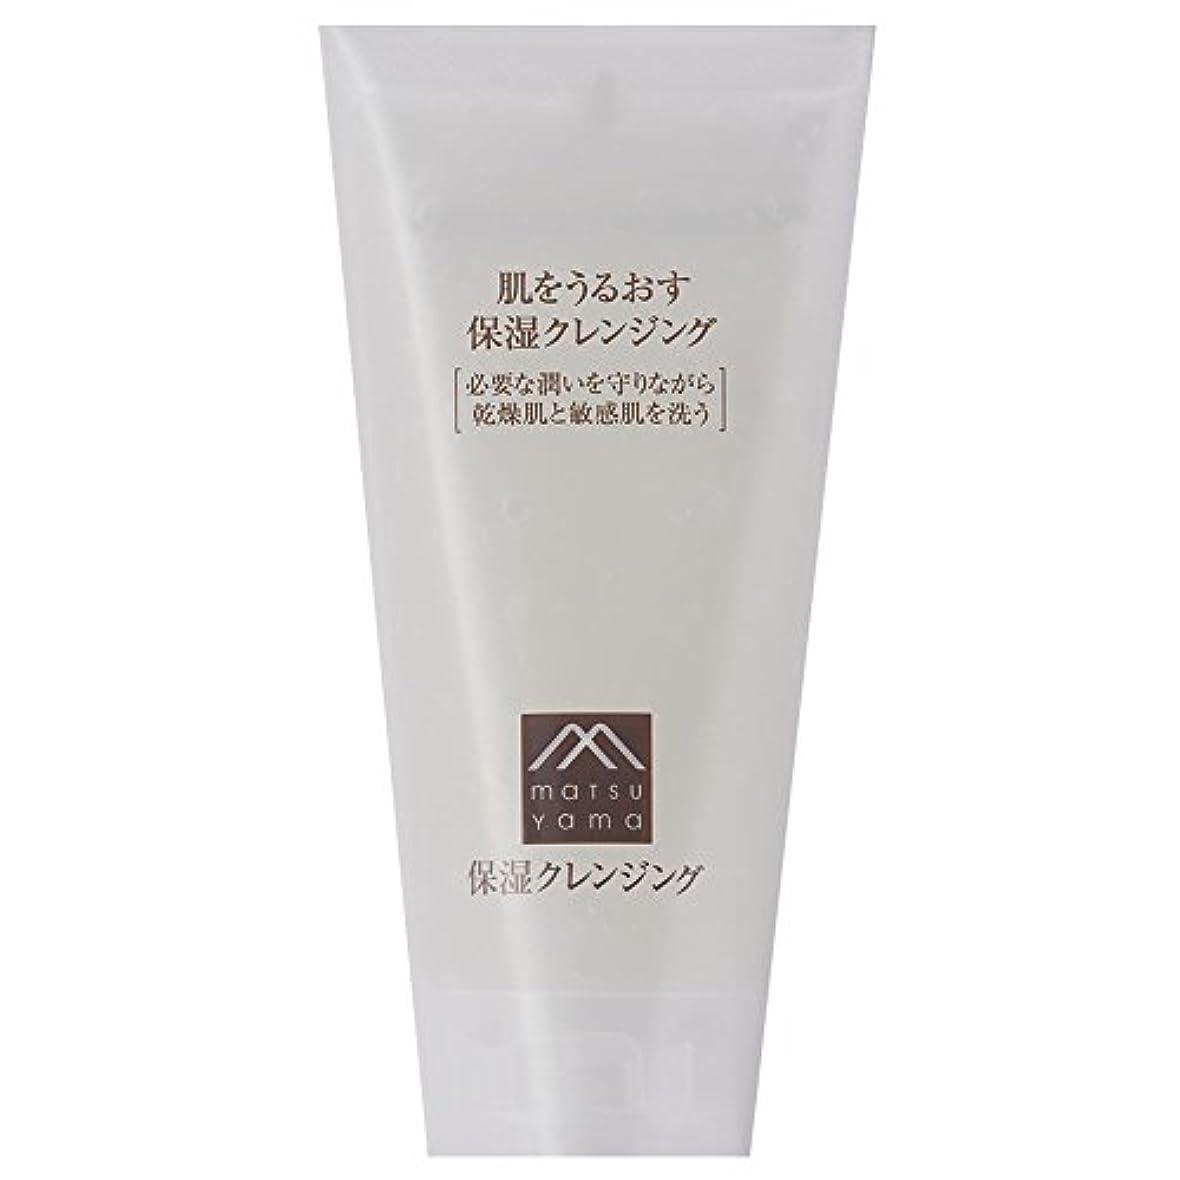 辛いピーブバンド肌をうるおす保湿クレンジング(メイク落とし) 保湿 乾燥肌 敏感肌